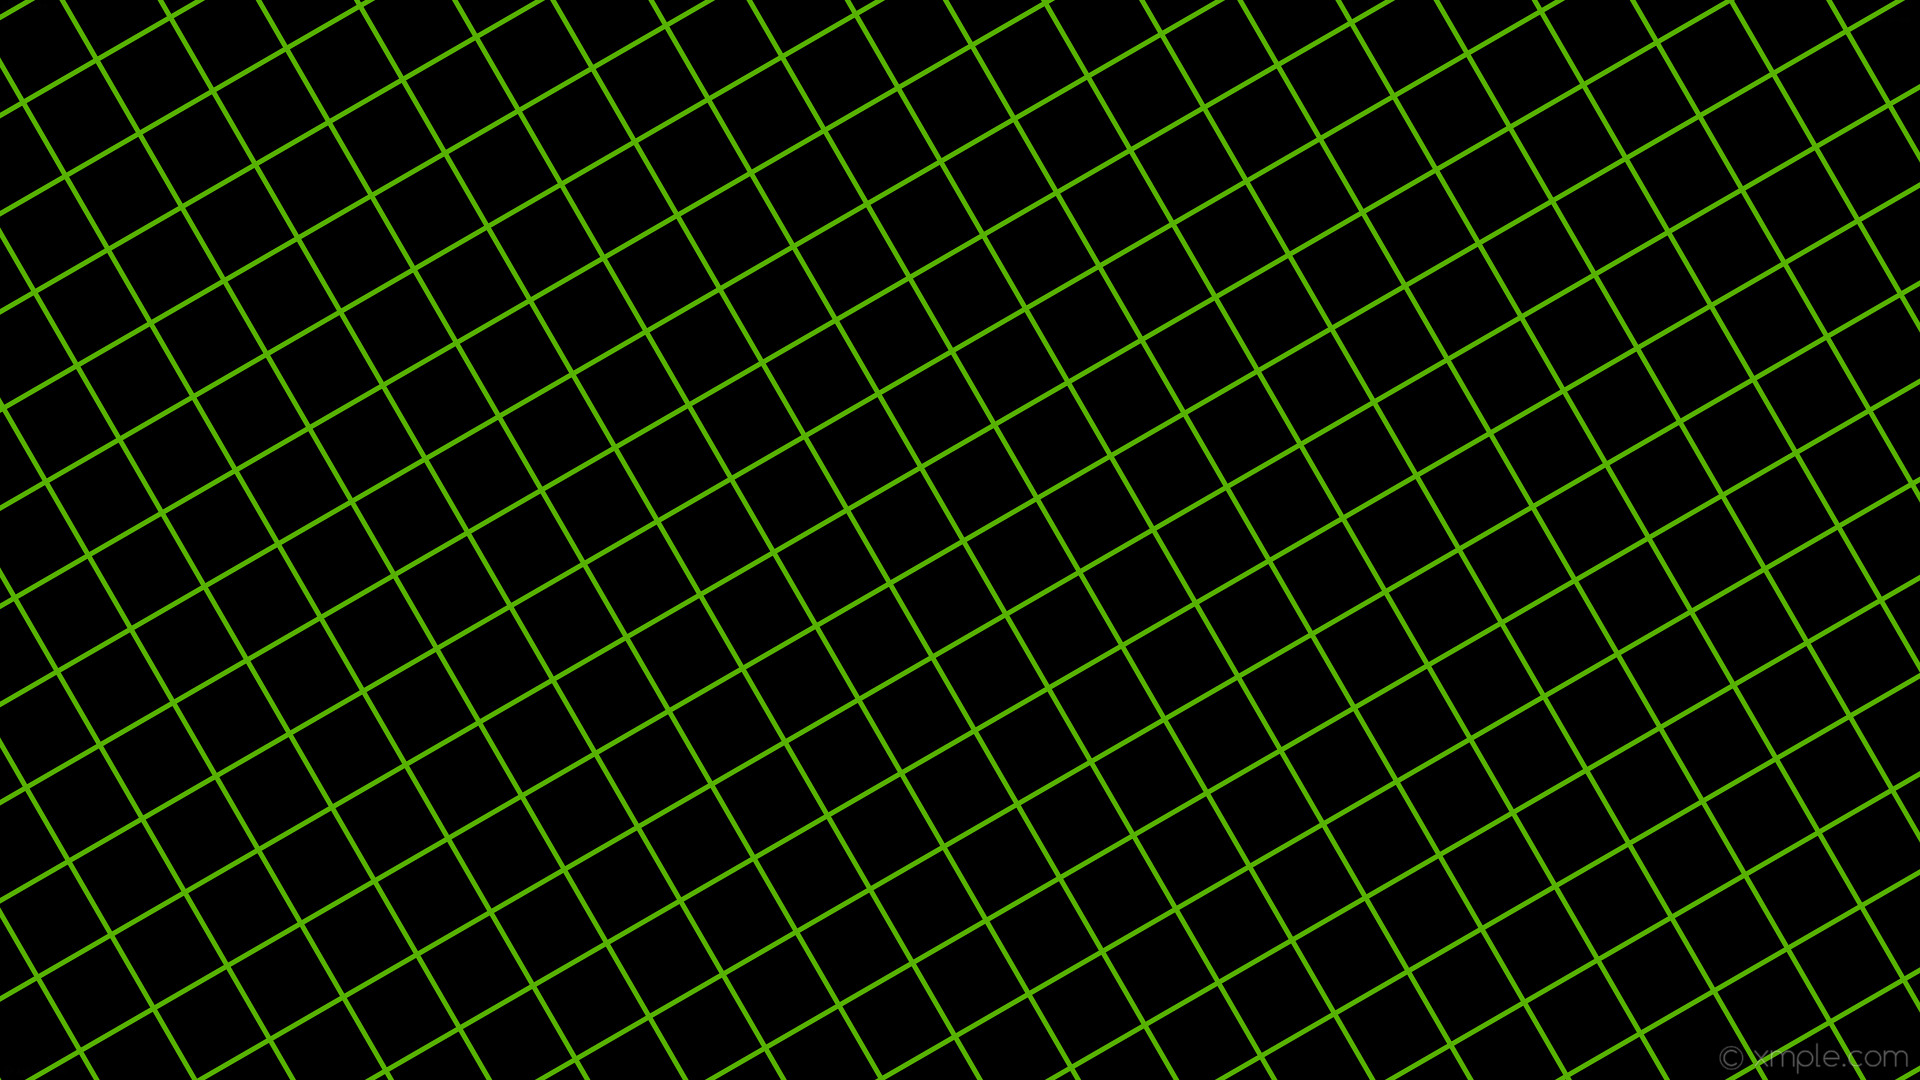 wallpaper graph paper green black grid lawn green #000000 #7cfc00 30° 5px  85px